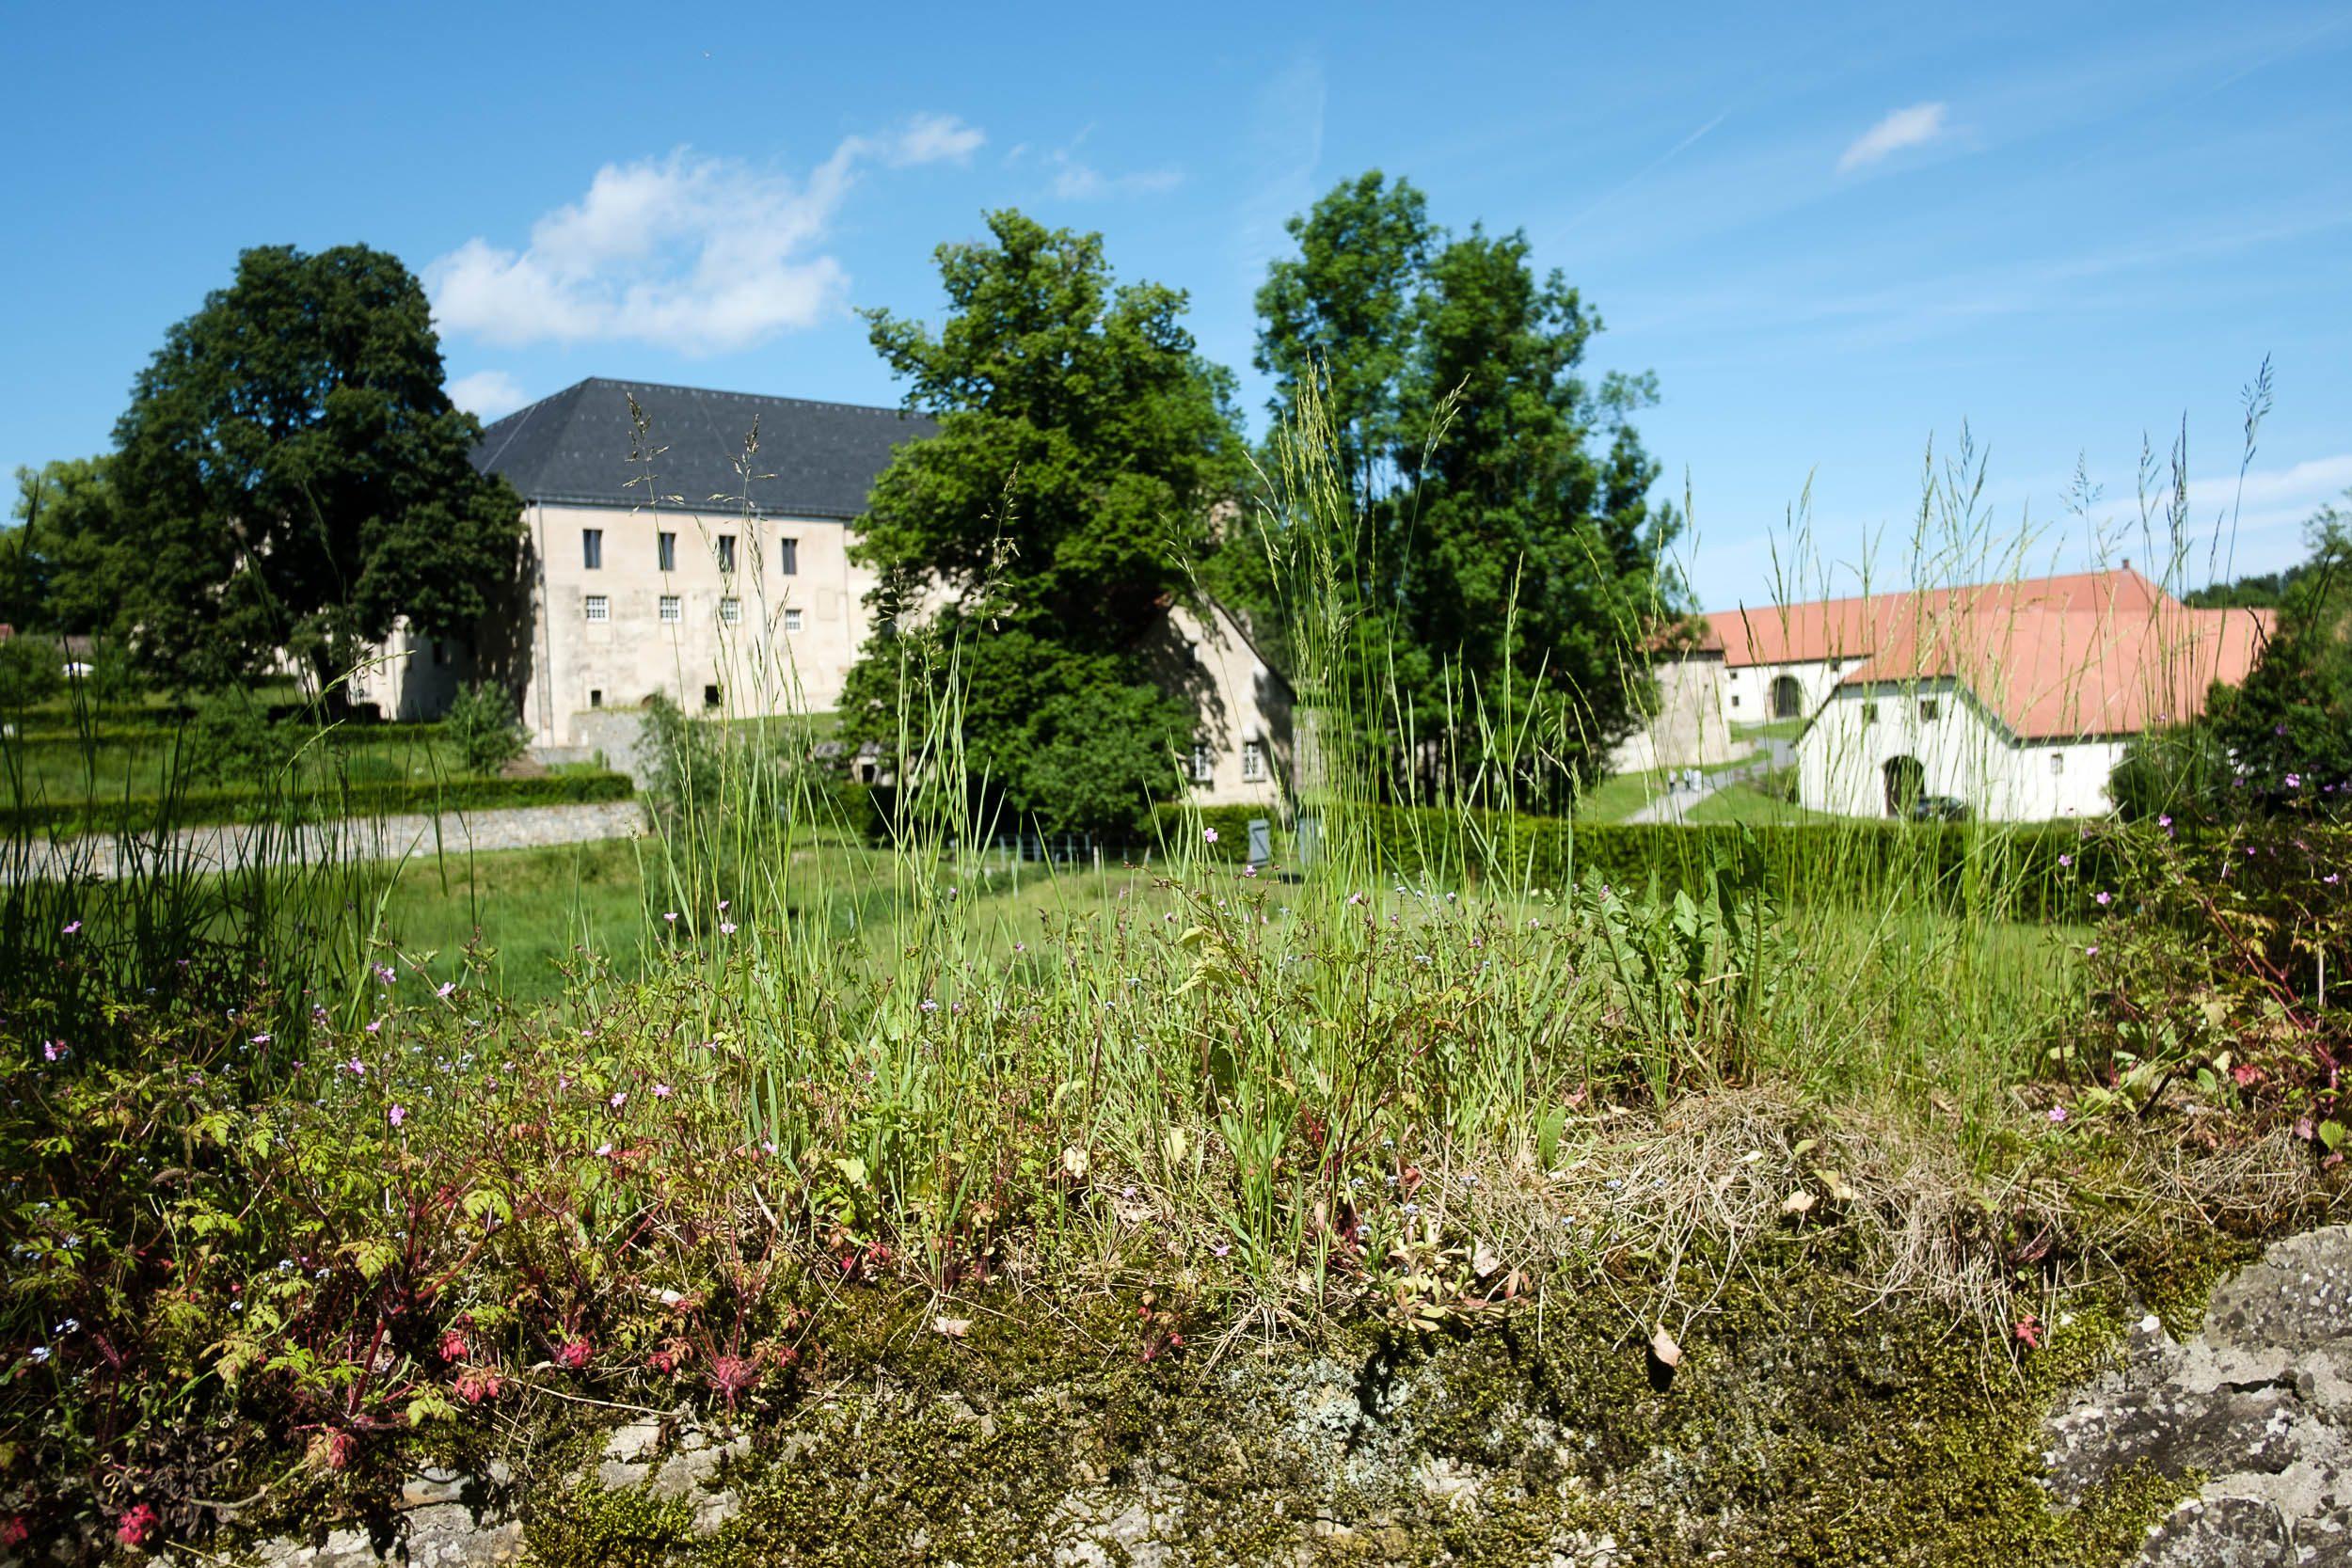 Kloster Dalheim